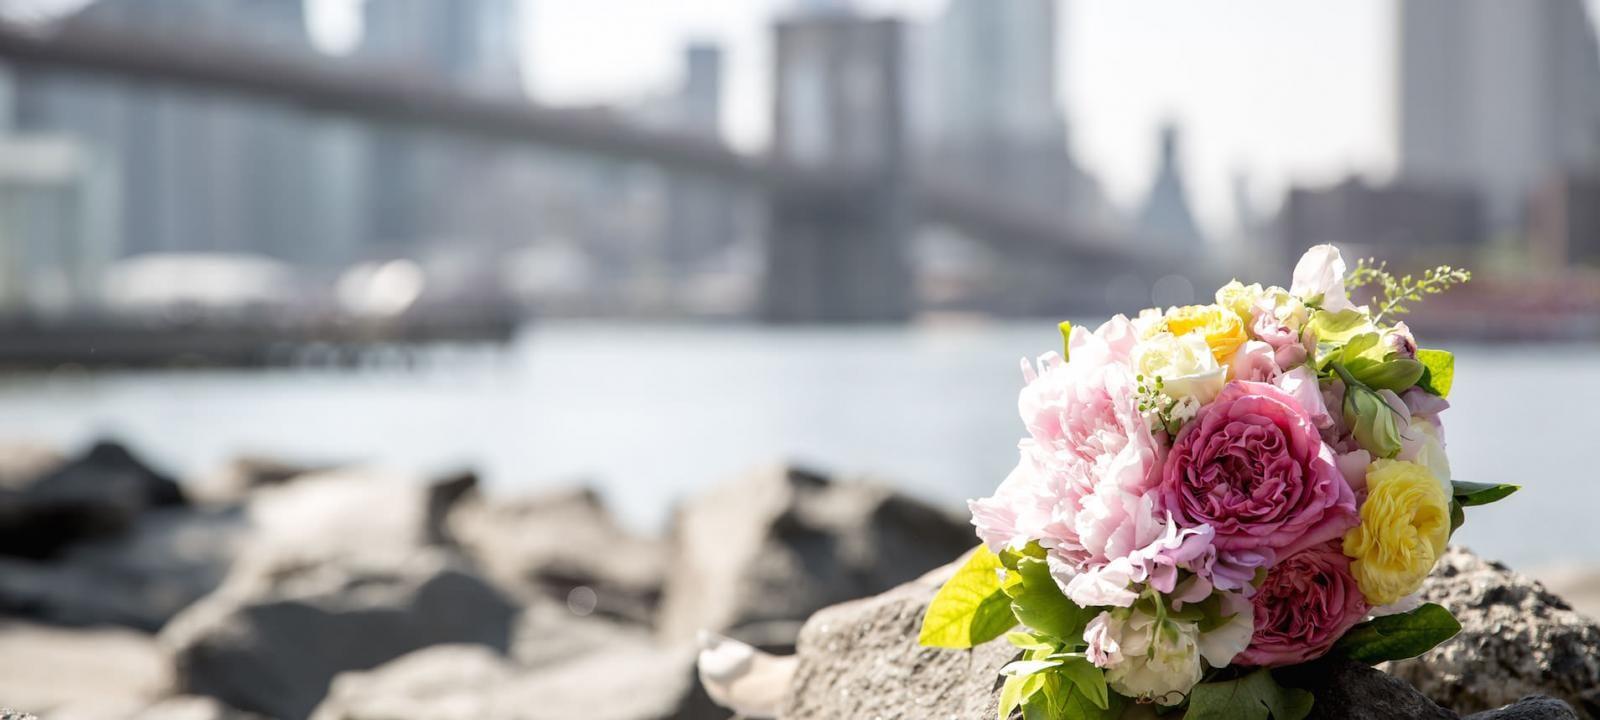 Heiraten In New York Die Traumhochzeit Im Big Apple